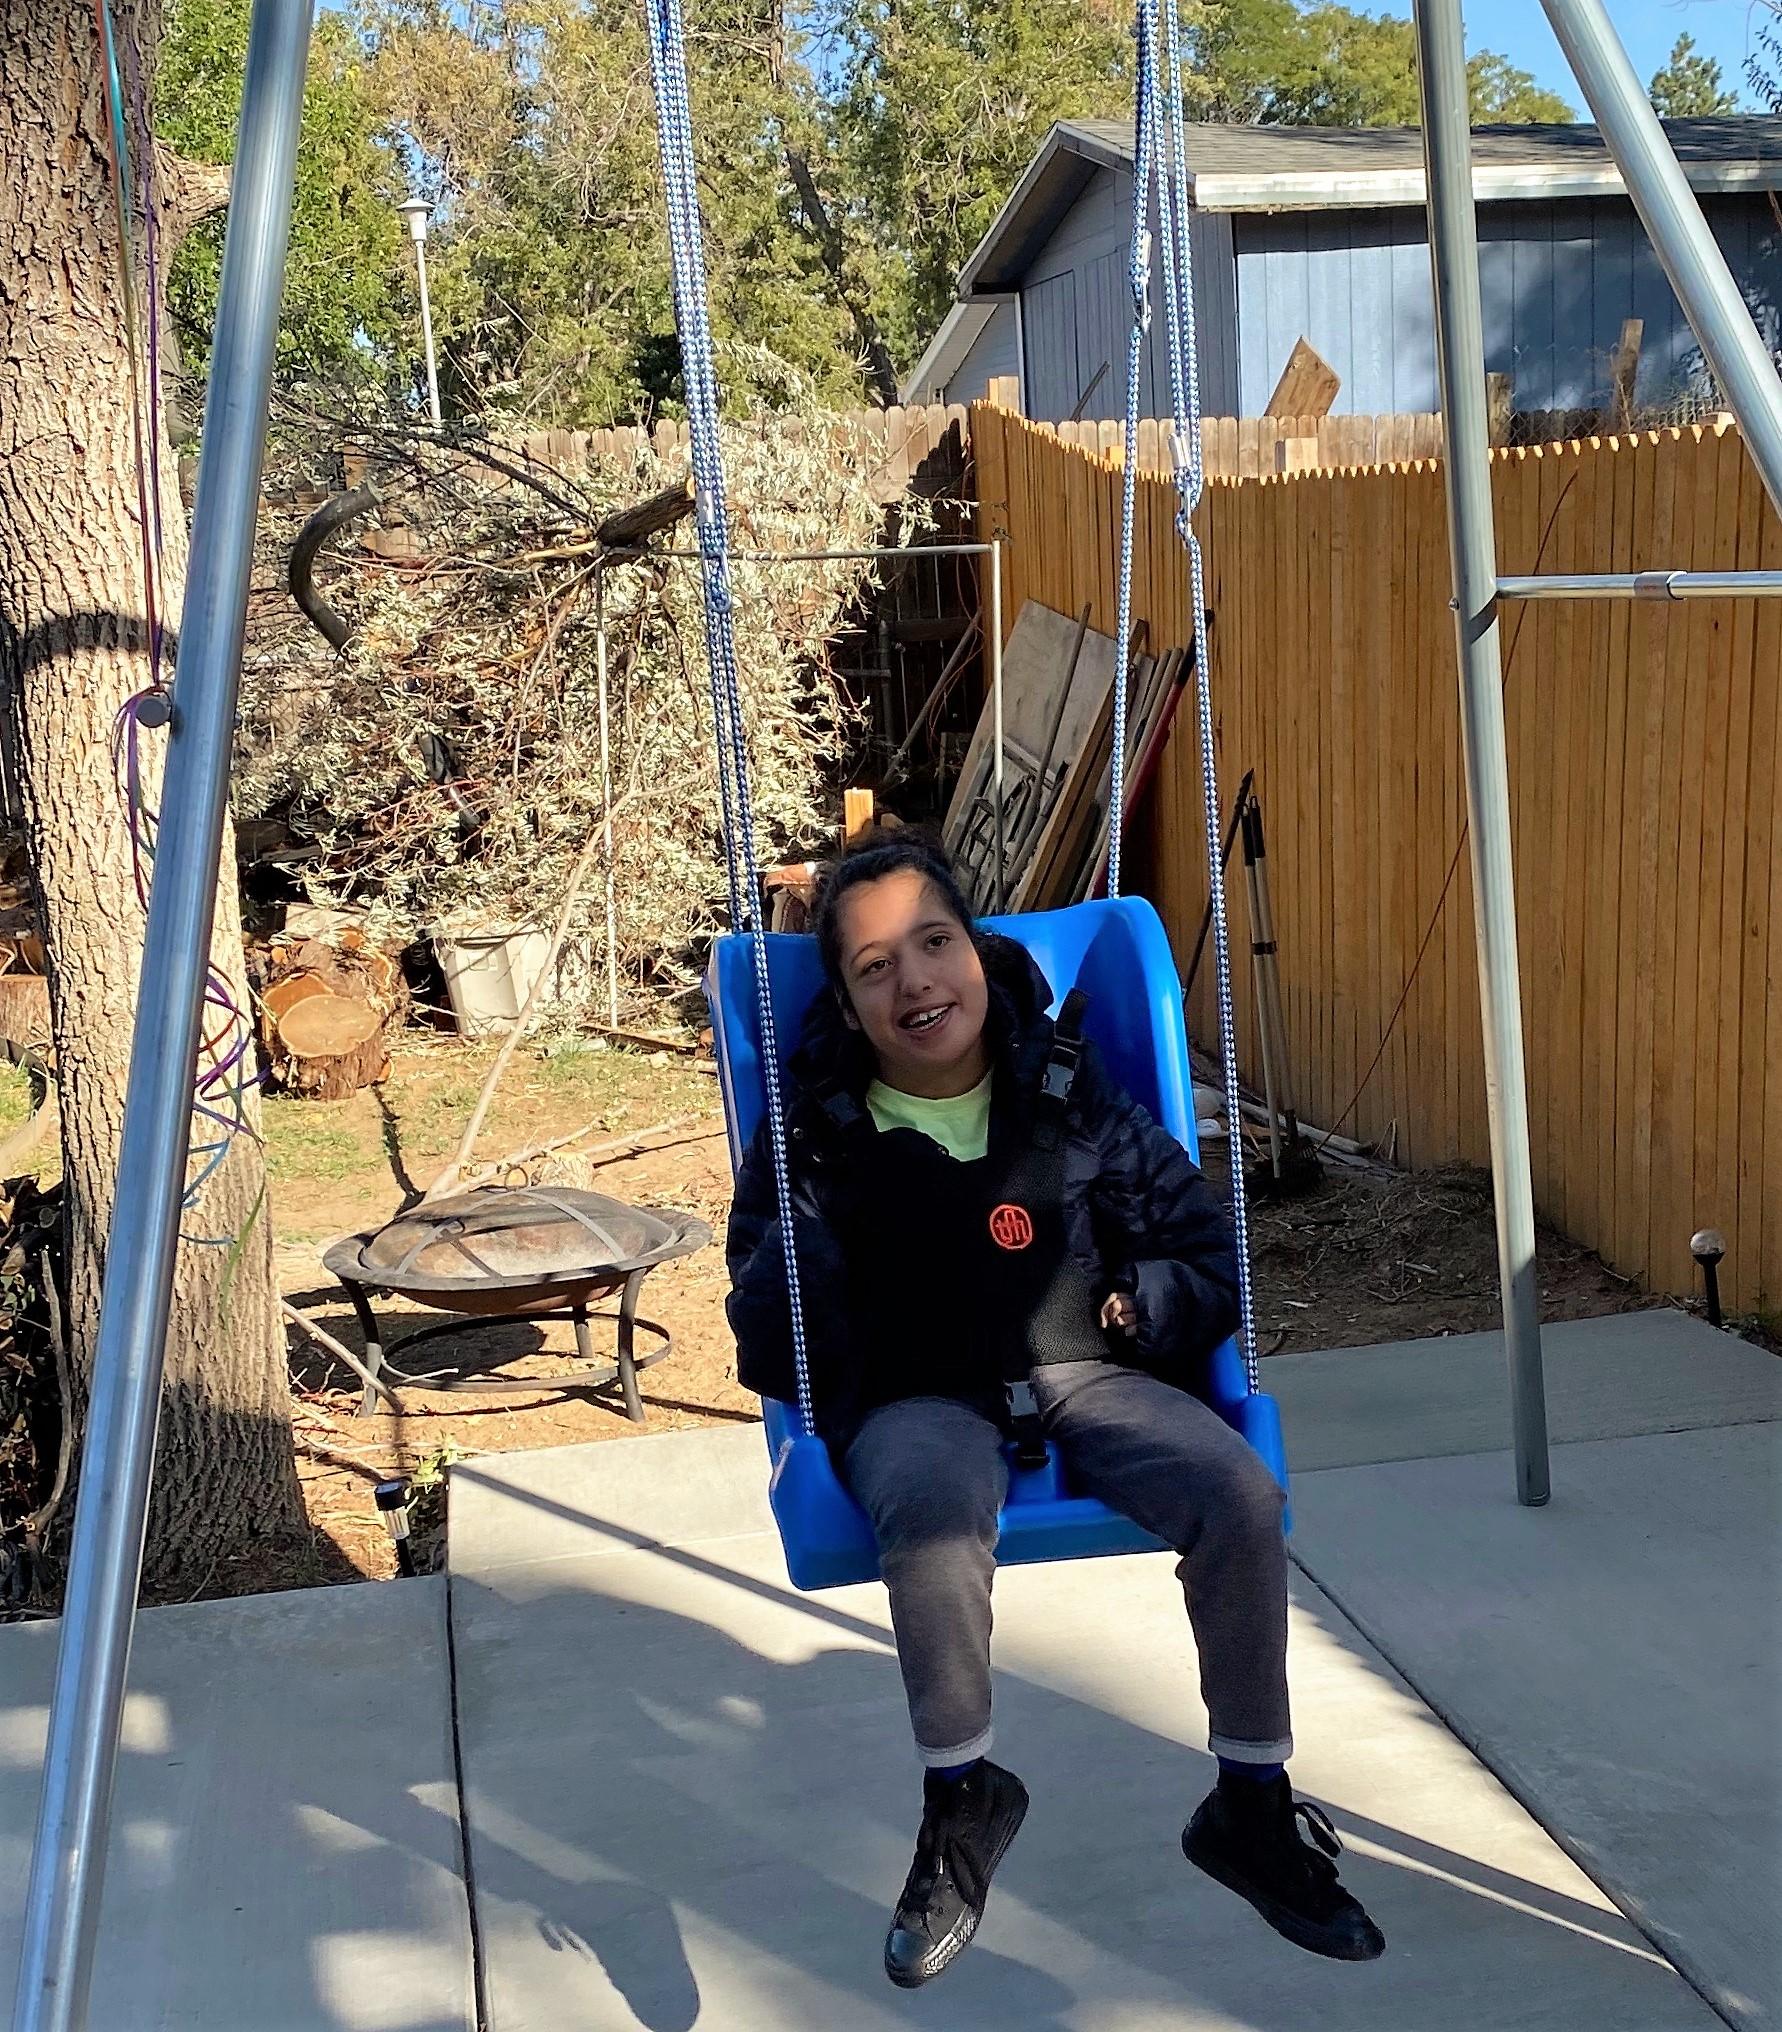 Leanna On Swing